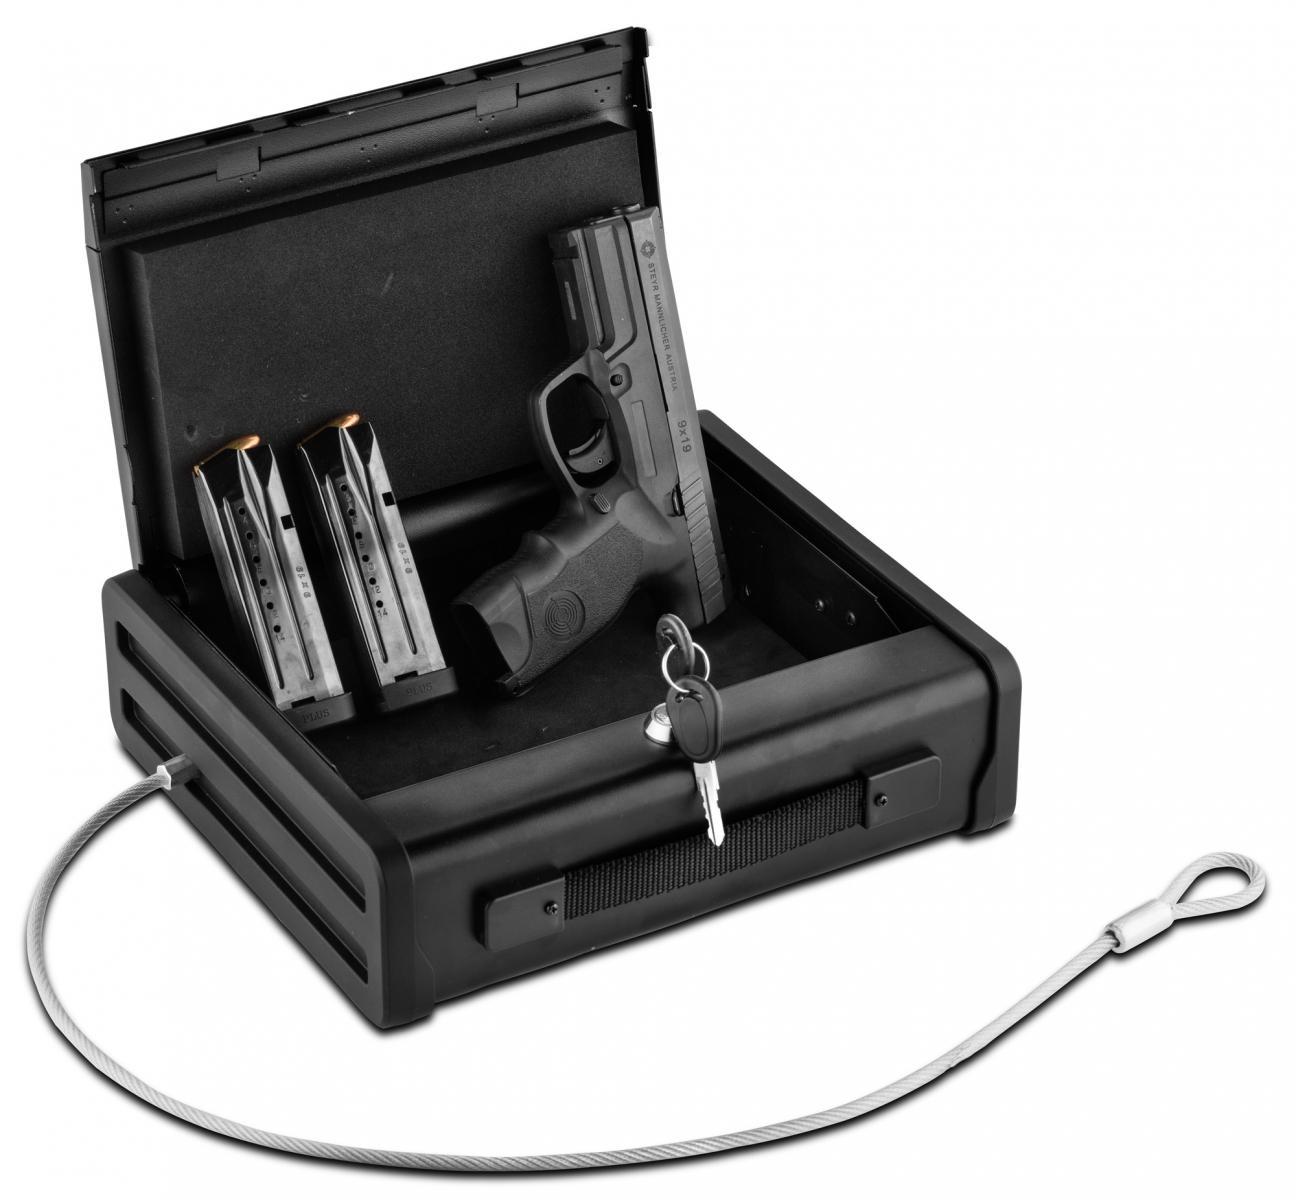 Coffre fort compact à clef MASTER LOCK avec câble de fixation